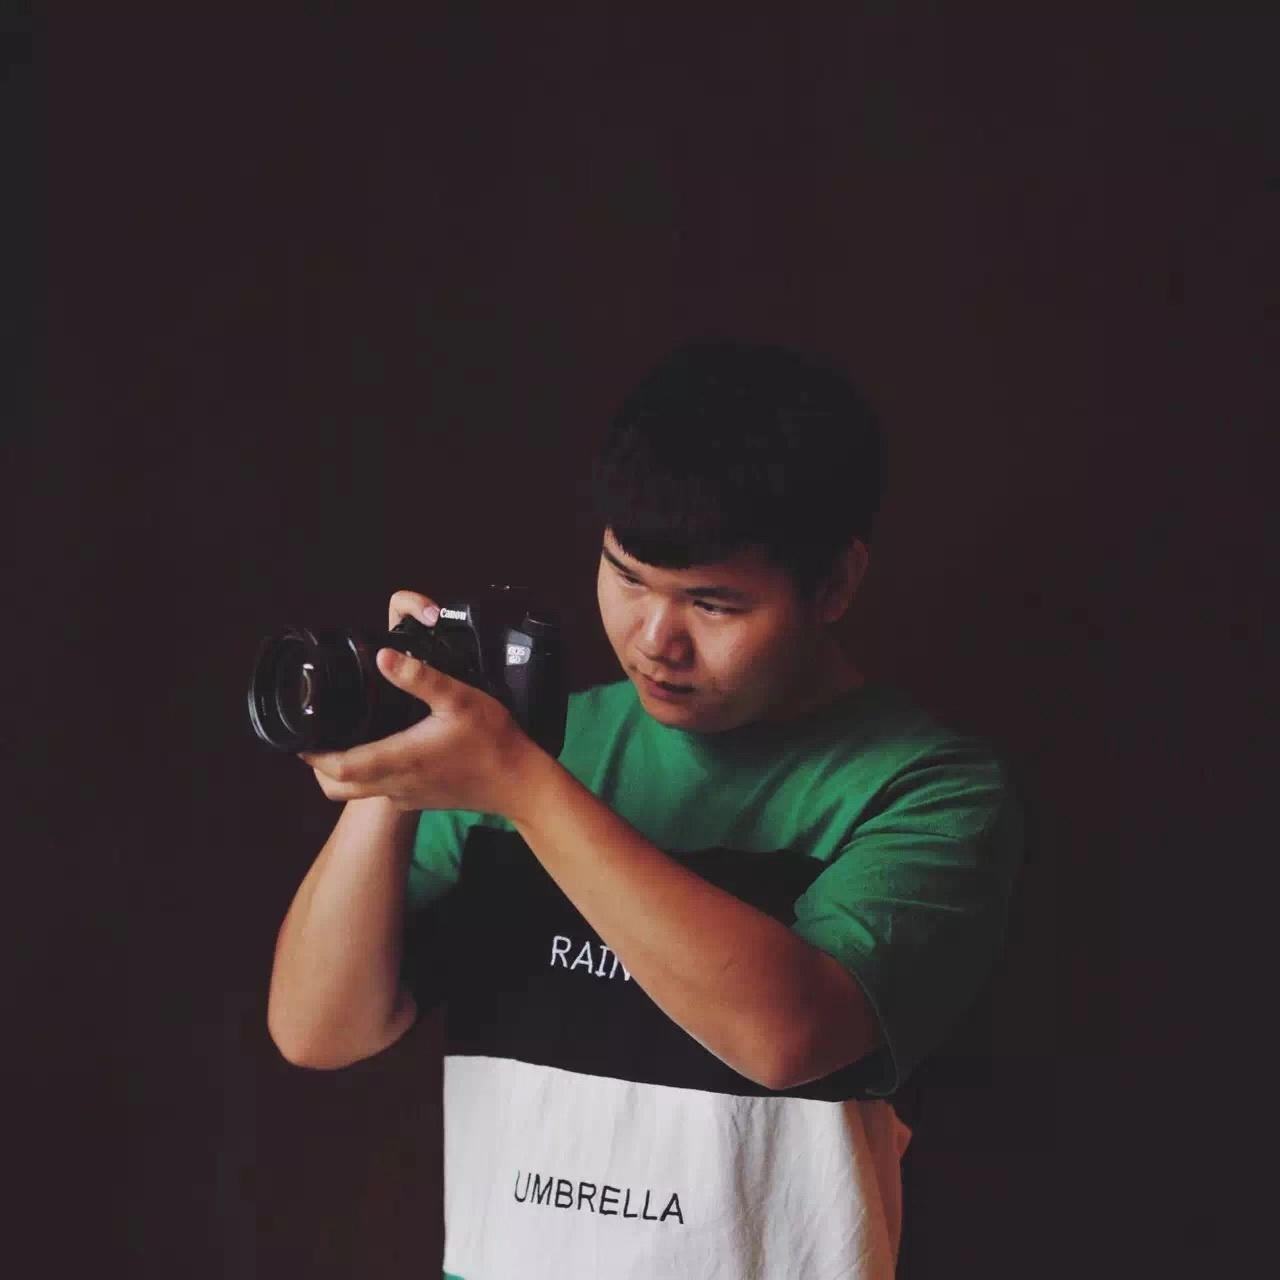 摄像师-周先森